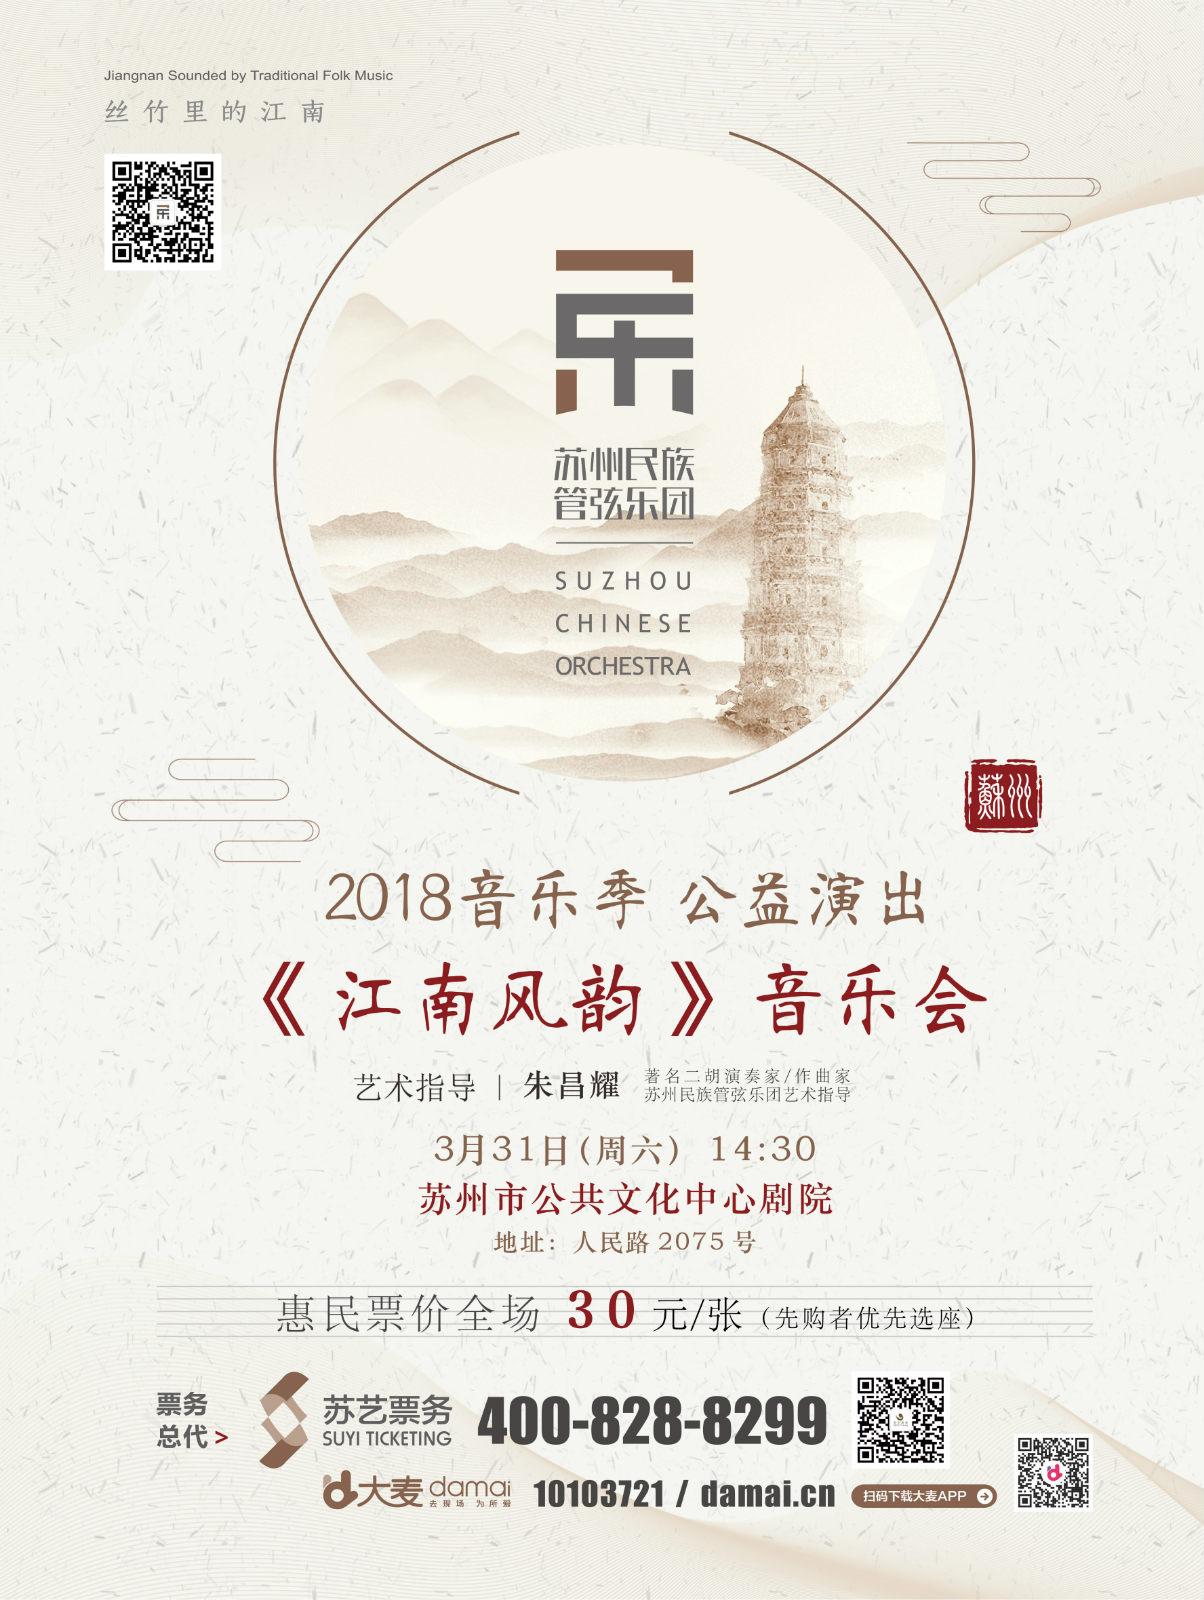 2018音乐节 公益演出  《江南风韵》音乐会